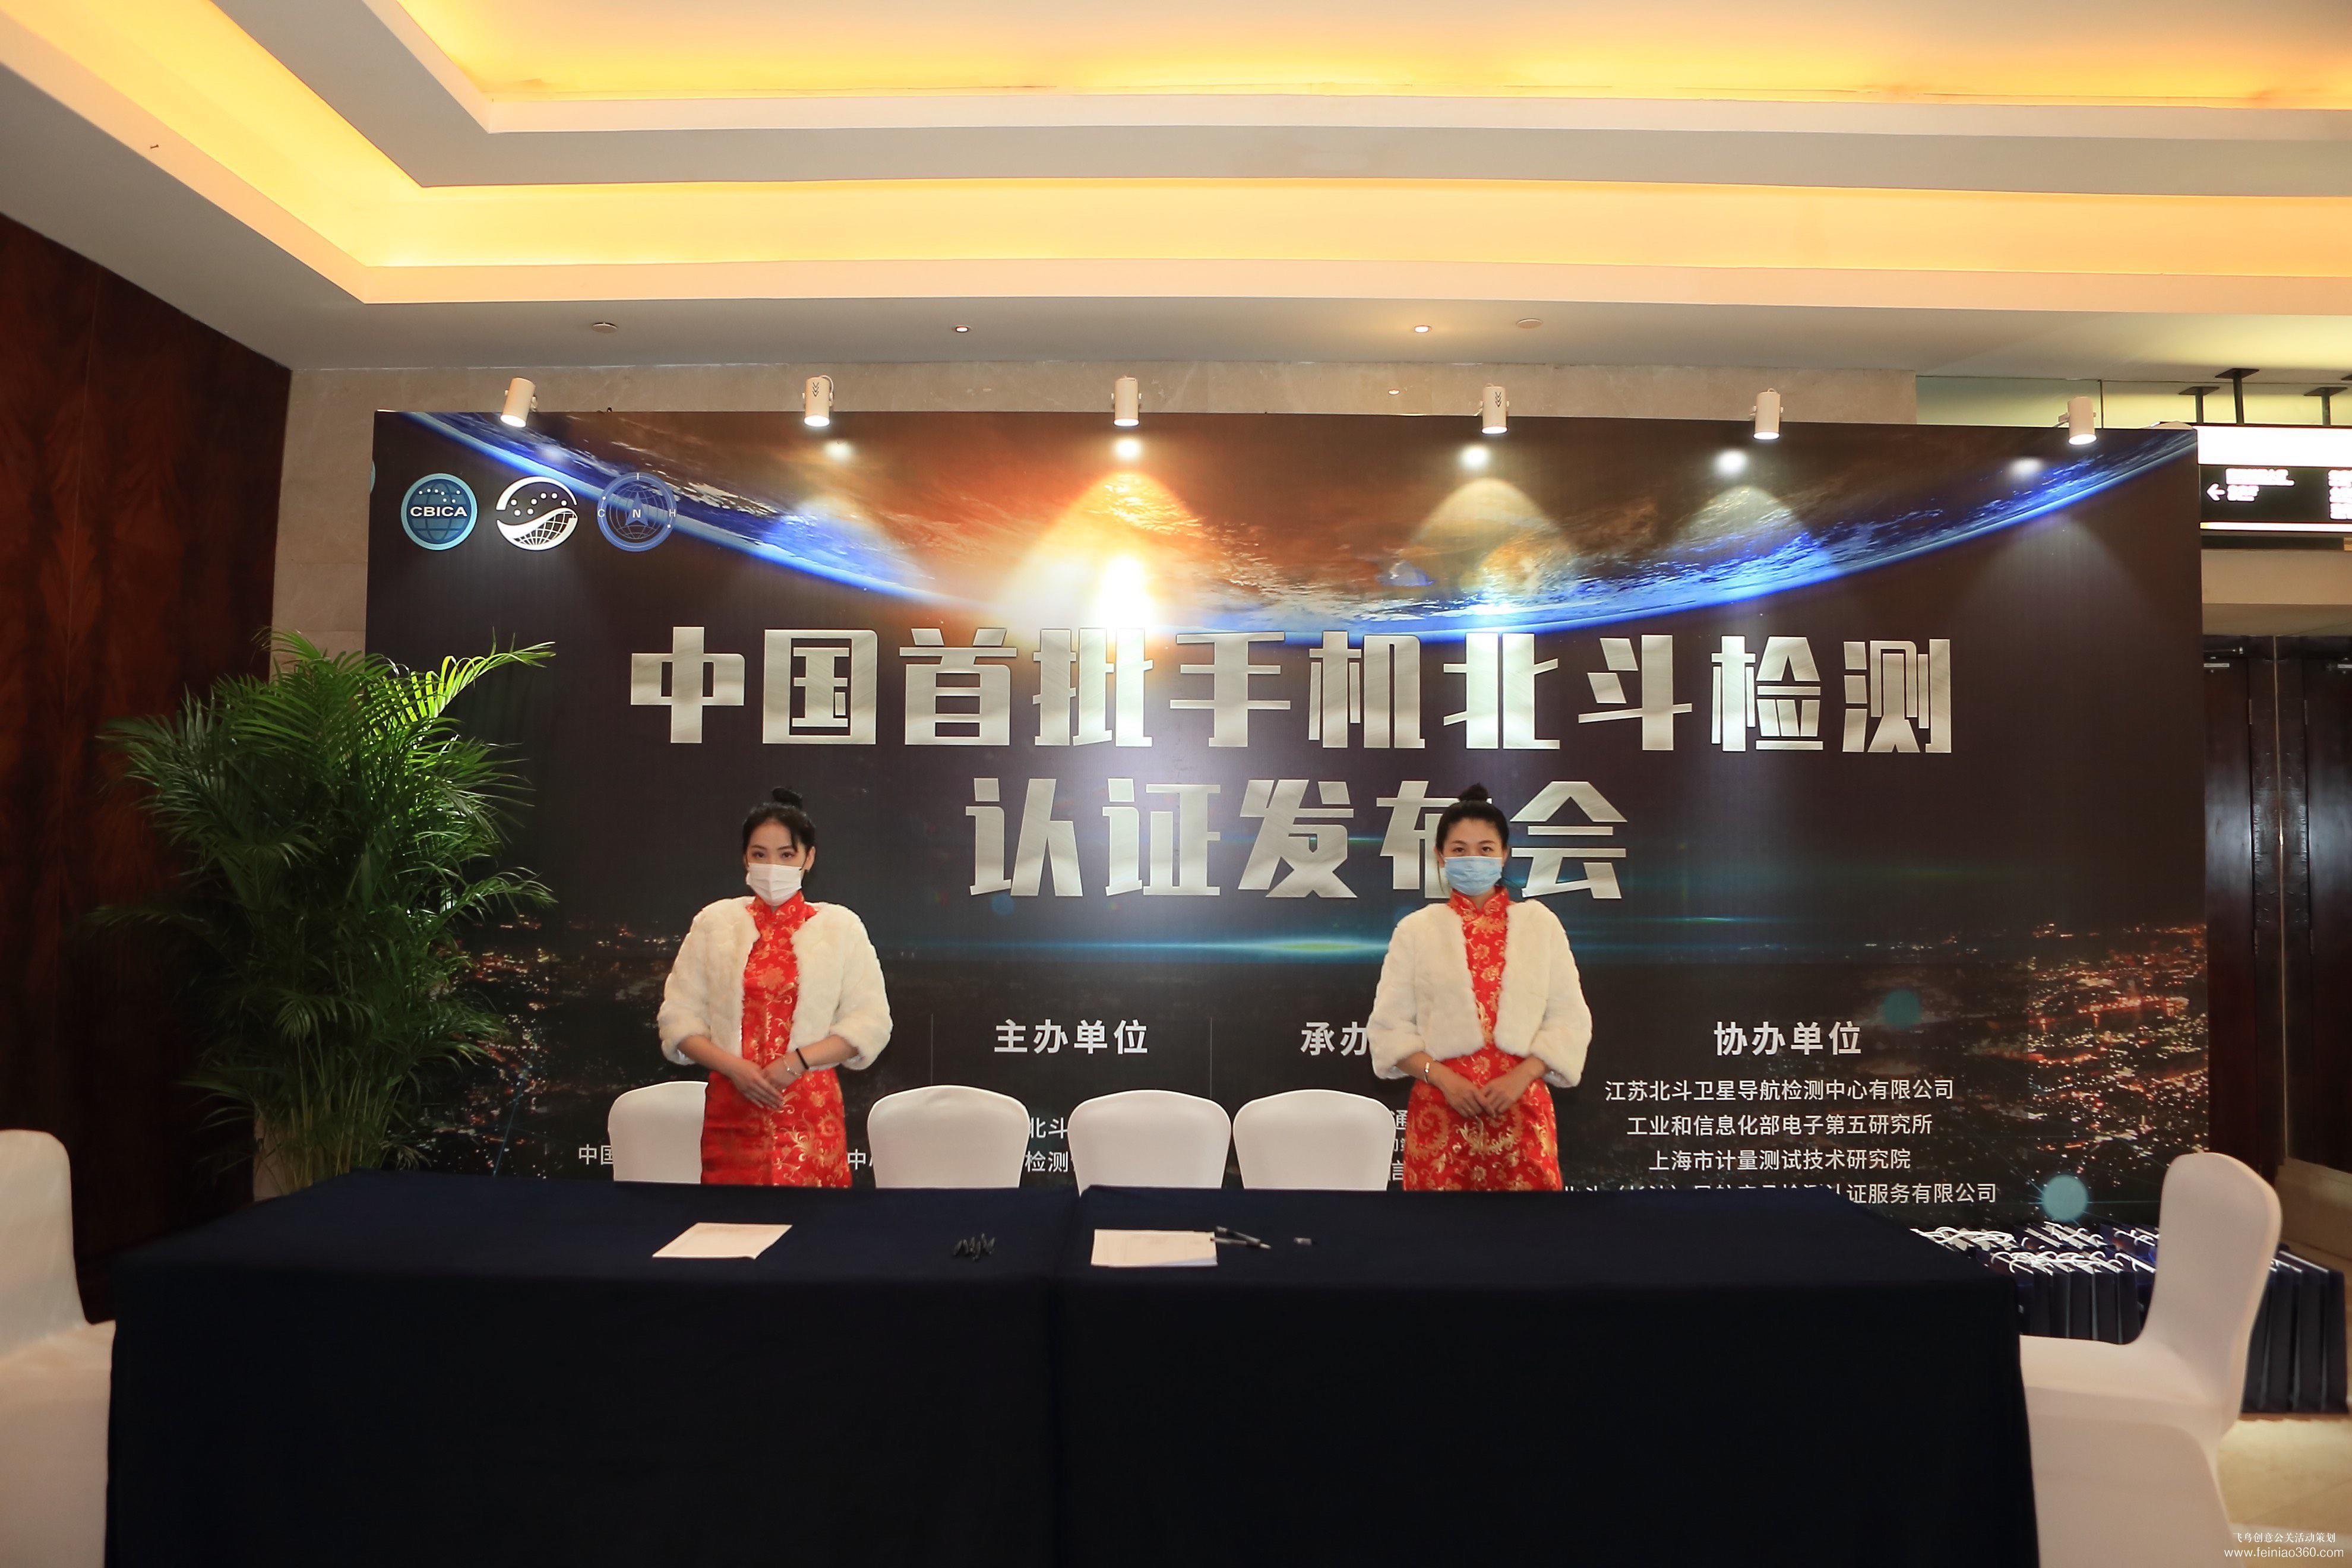 中国首批手机北斗检测认证发布会